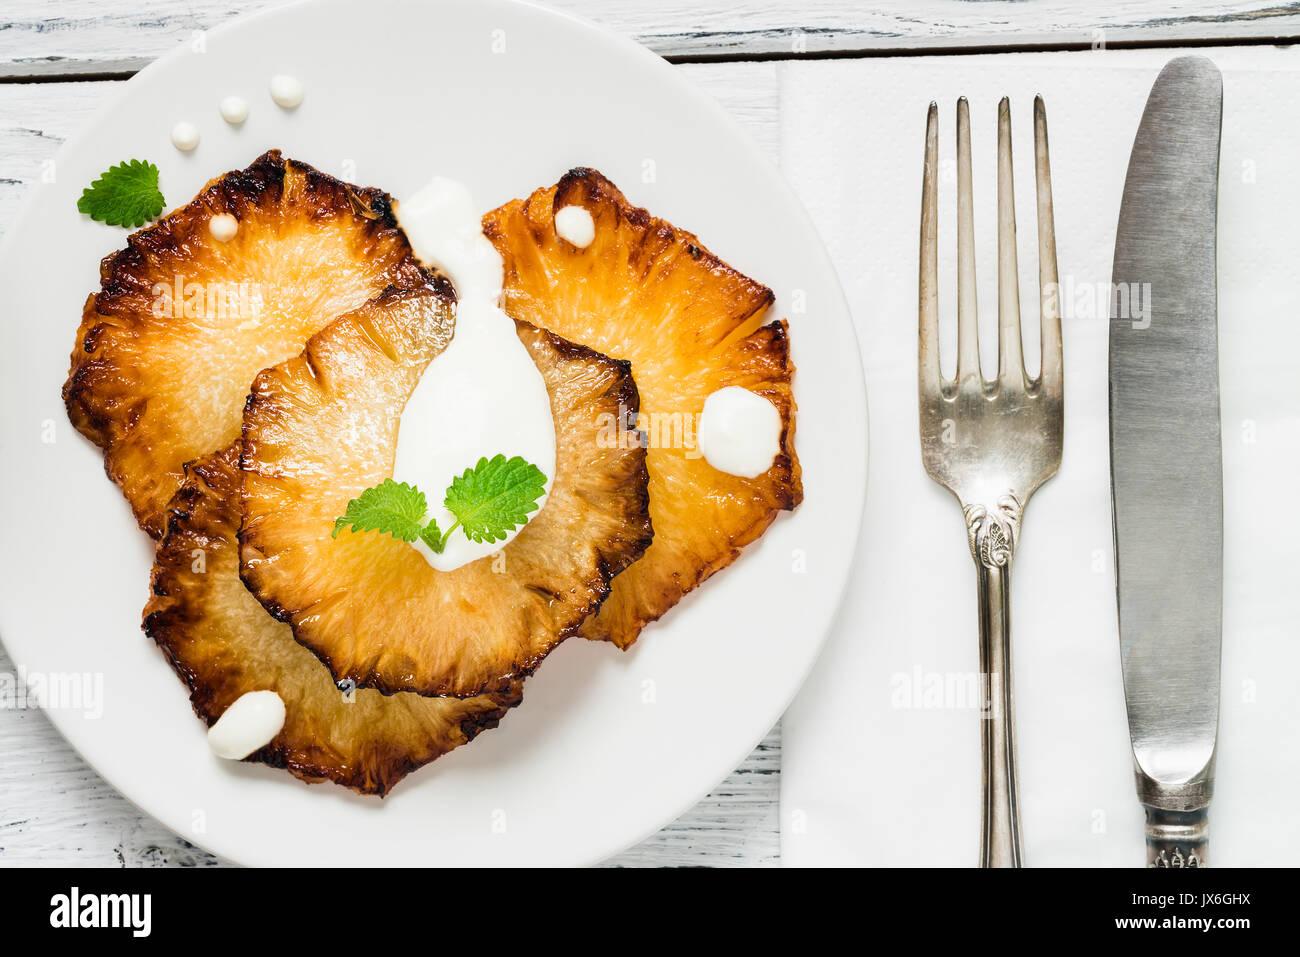 Frittura di fette di ananas con creme fraiche, menta nella piastra bianca su sfondo di legno. Vista superiore Immagini Stock